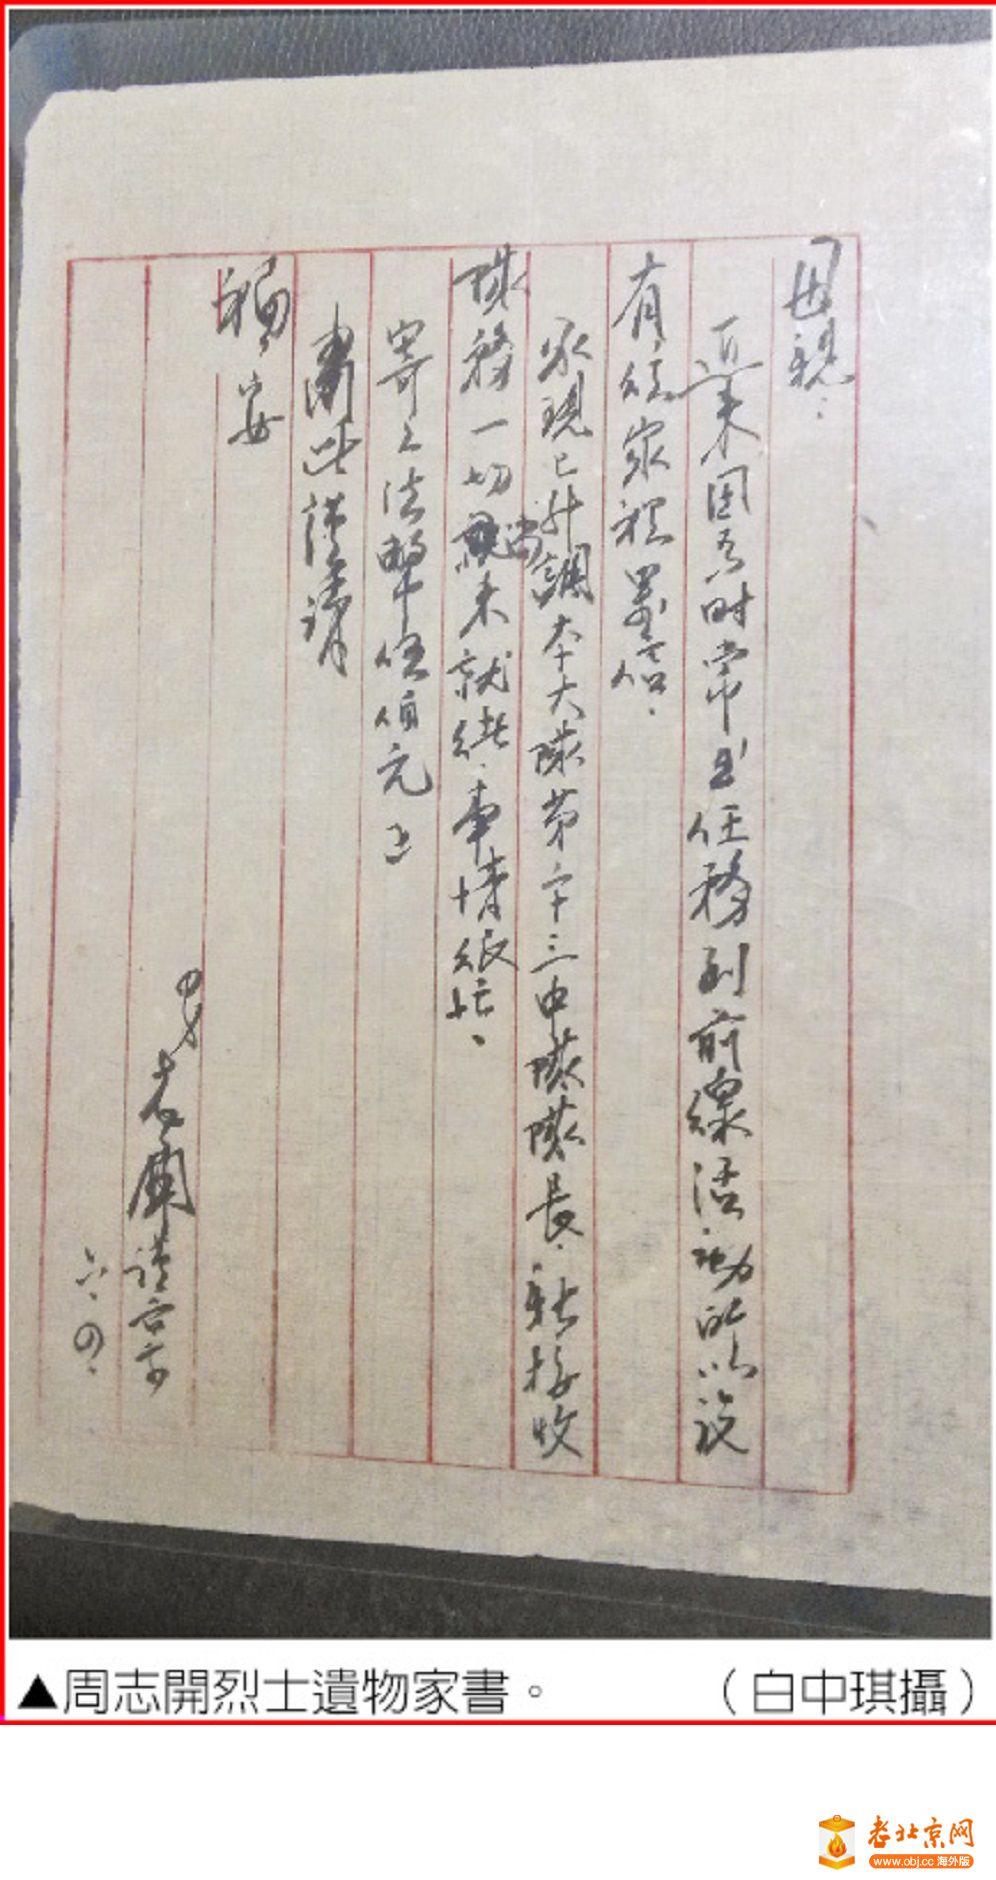 正义复位 记重庆汪山空军英烈  发现英烈墓次图(之二)